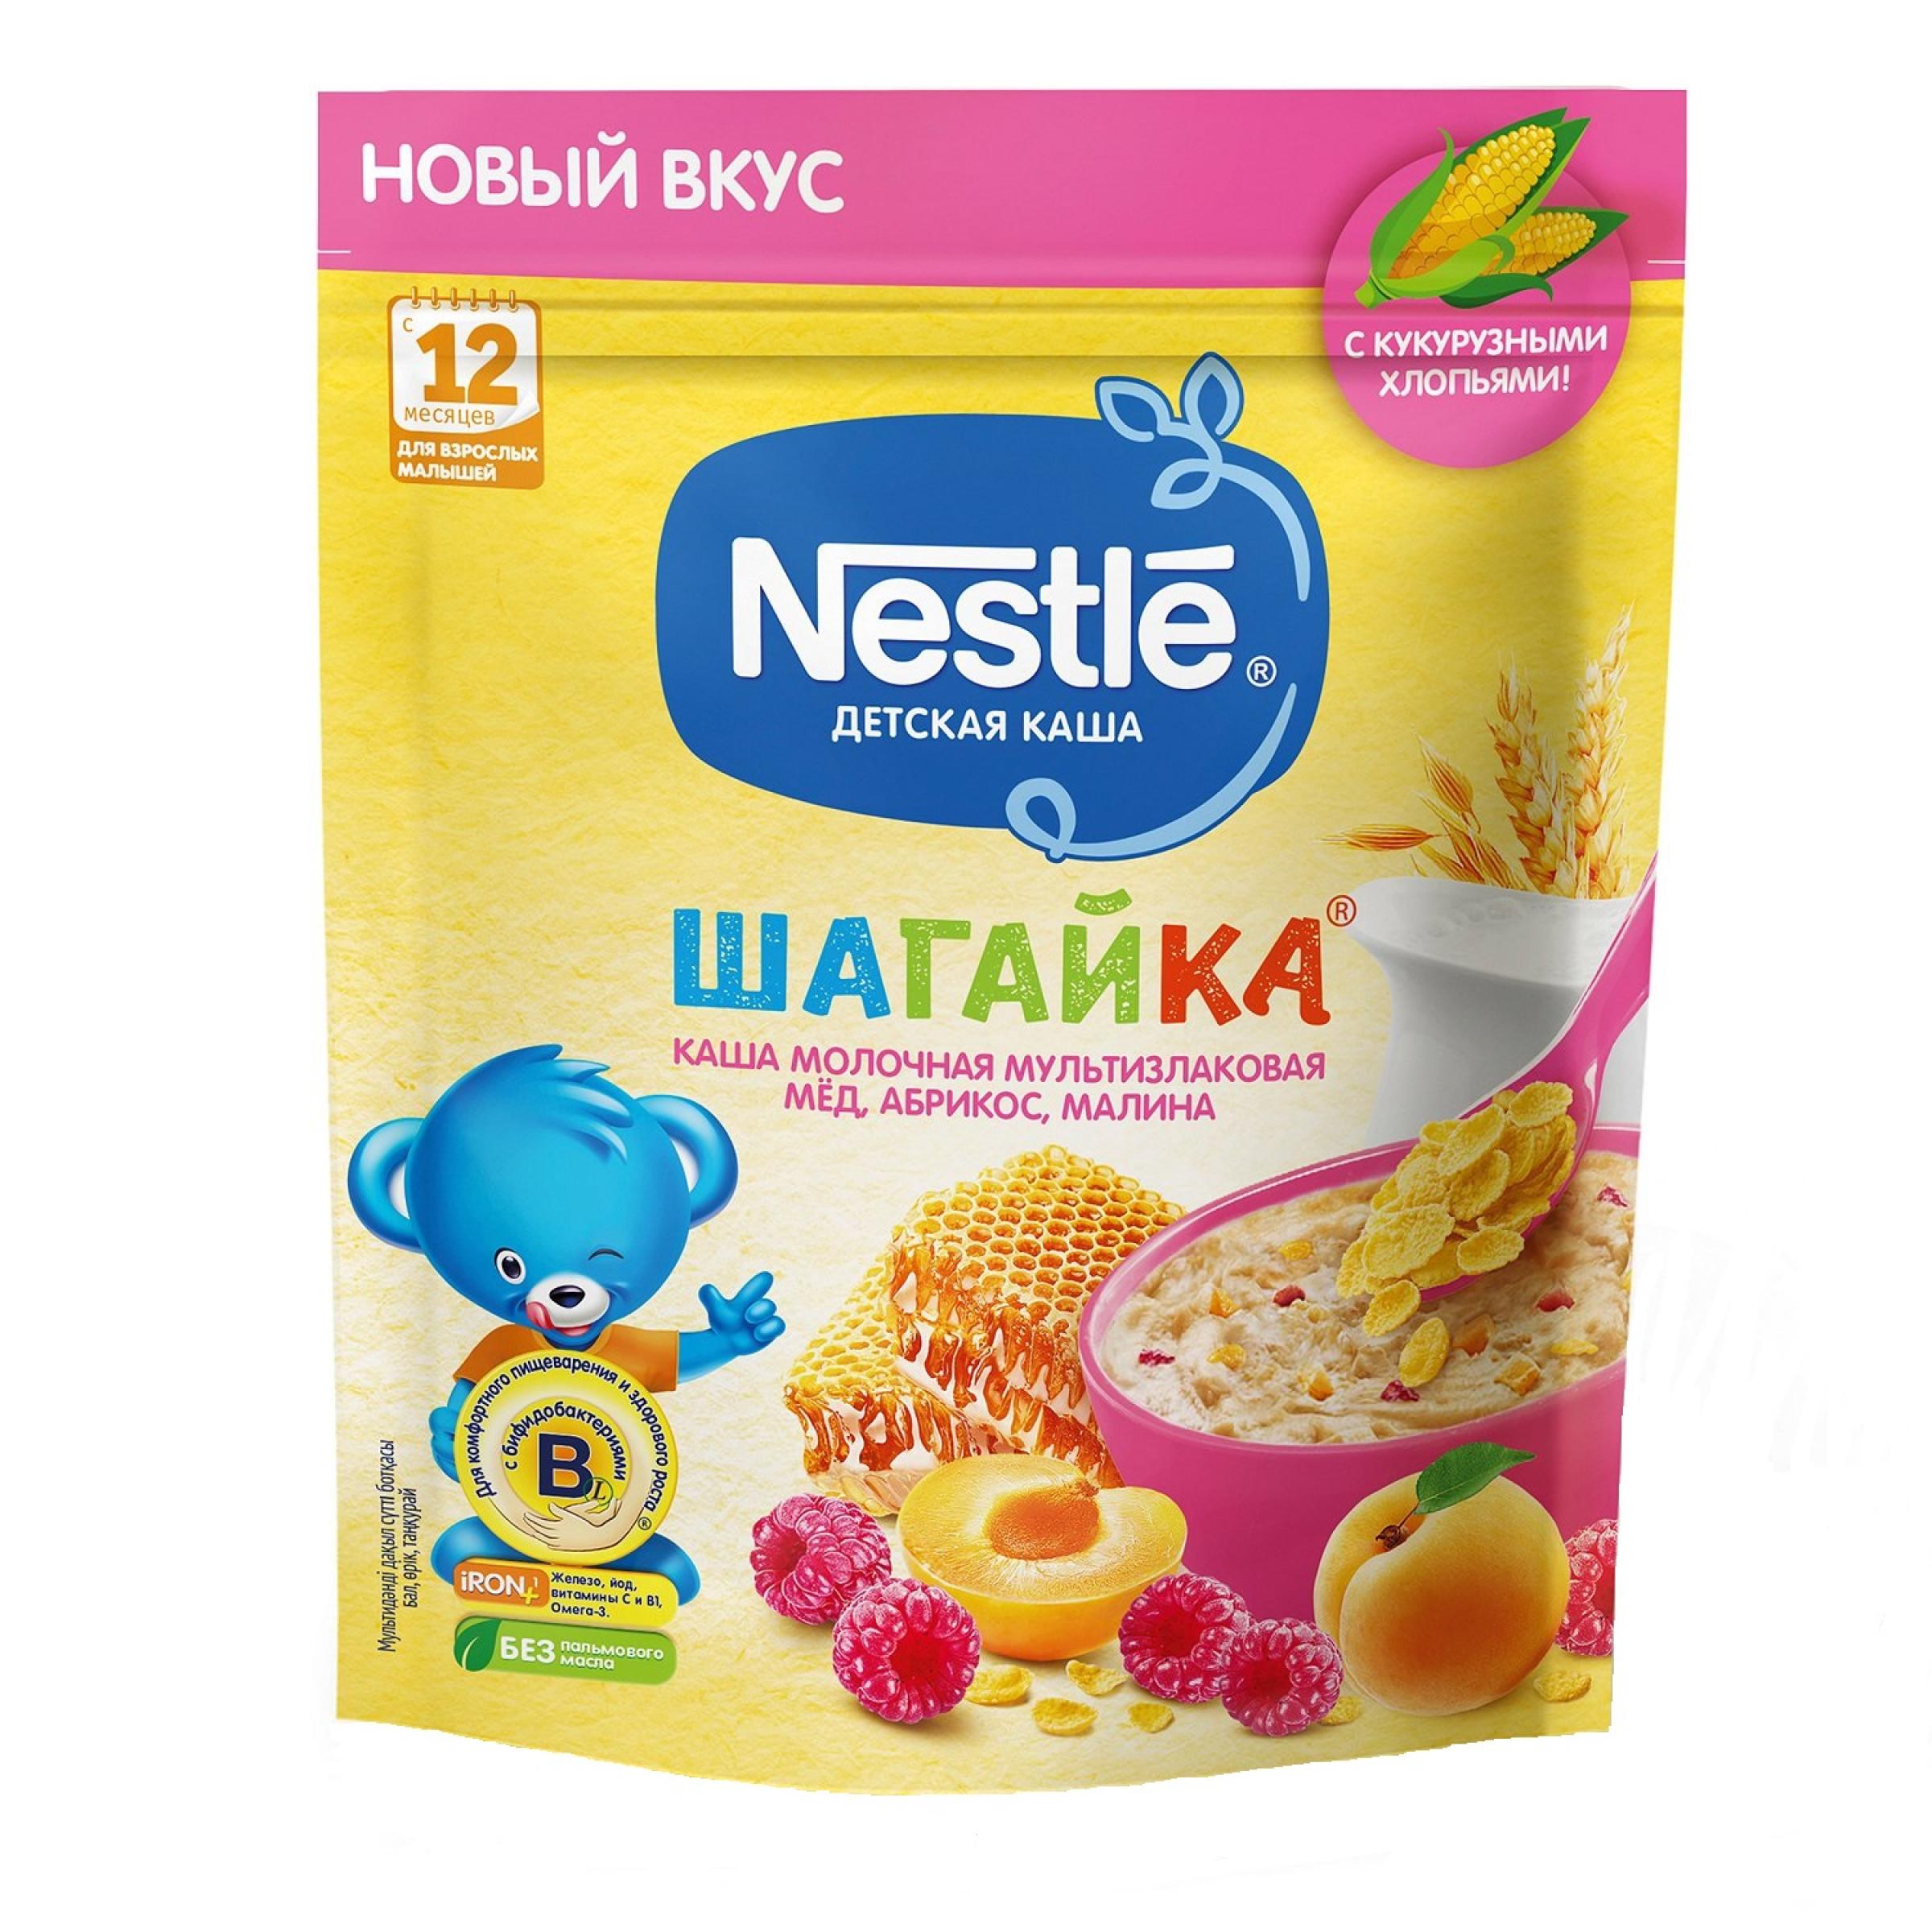 """Каша сухая мультизлаковая с медом абрикосом и малиной c 12 месяцев """"Nestle"""", 190гр"""